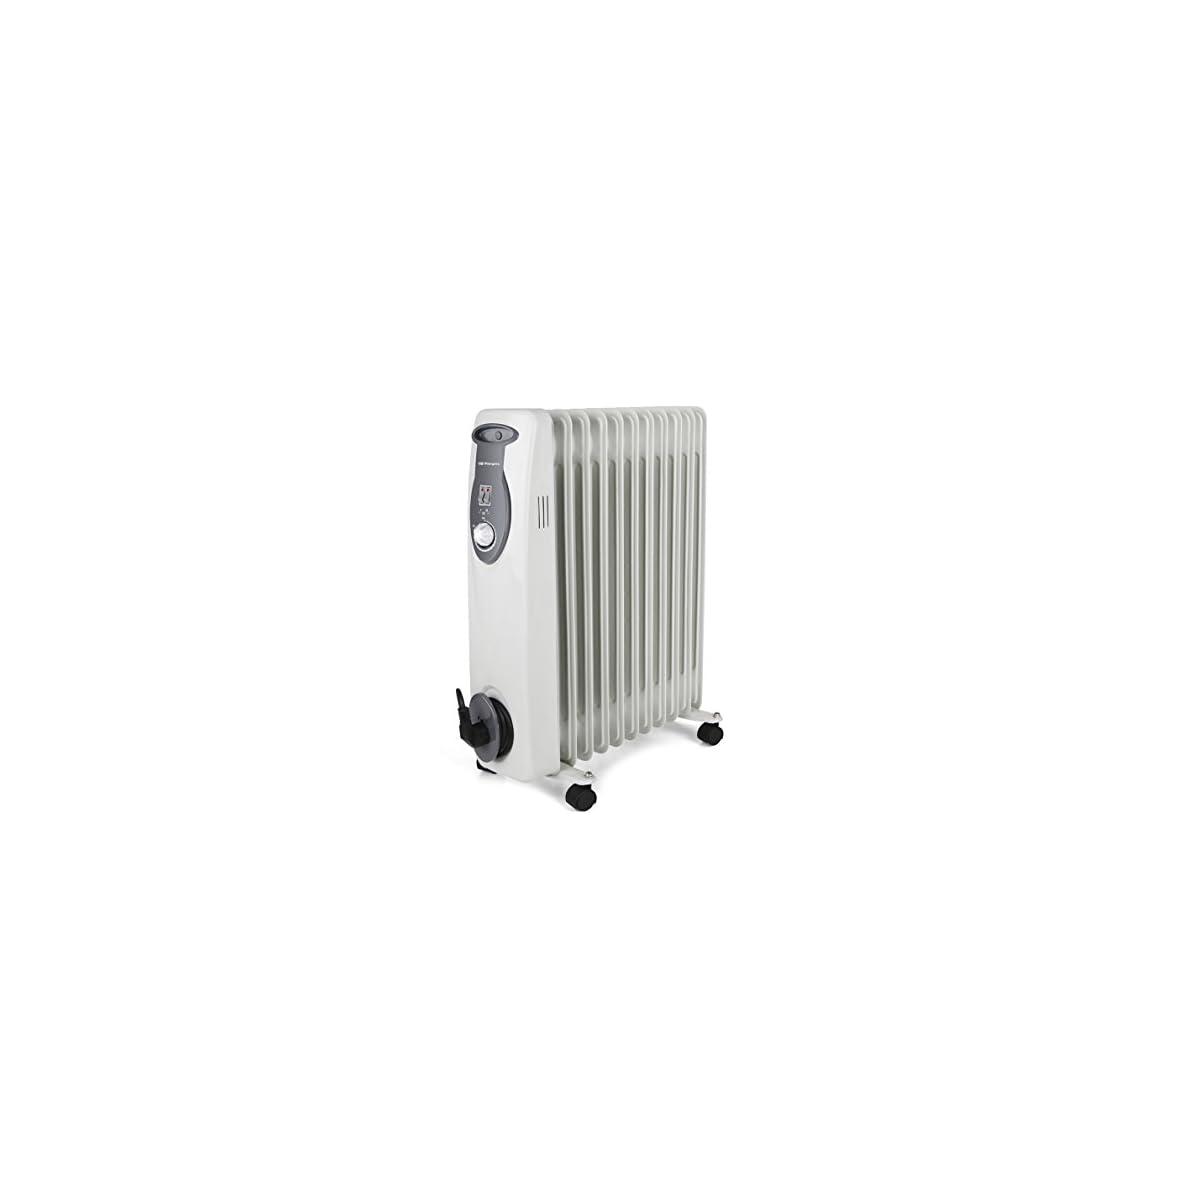 41YukP0rRtL. SS1200  - Orbegozo RA E Radiador de aceite, 2500 W de potencia, construcción modular de 11 elementos y diseño en color blanco